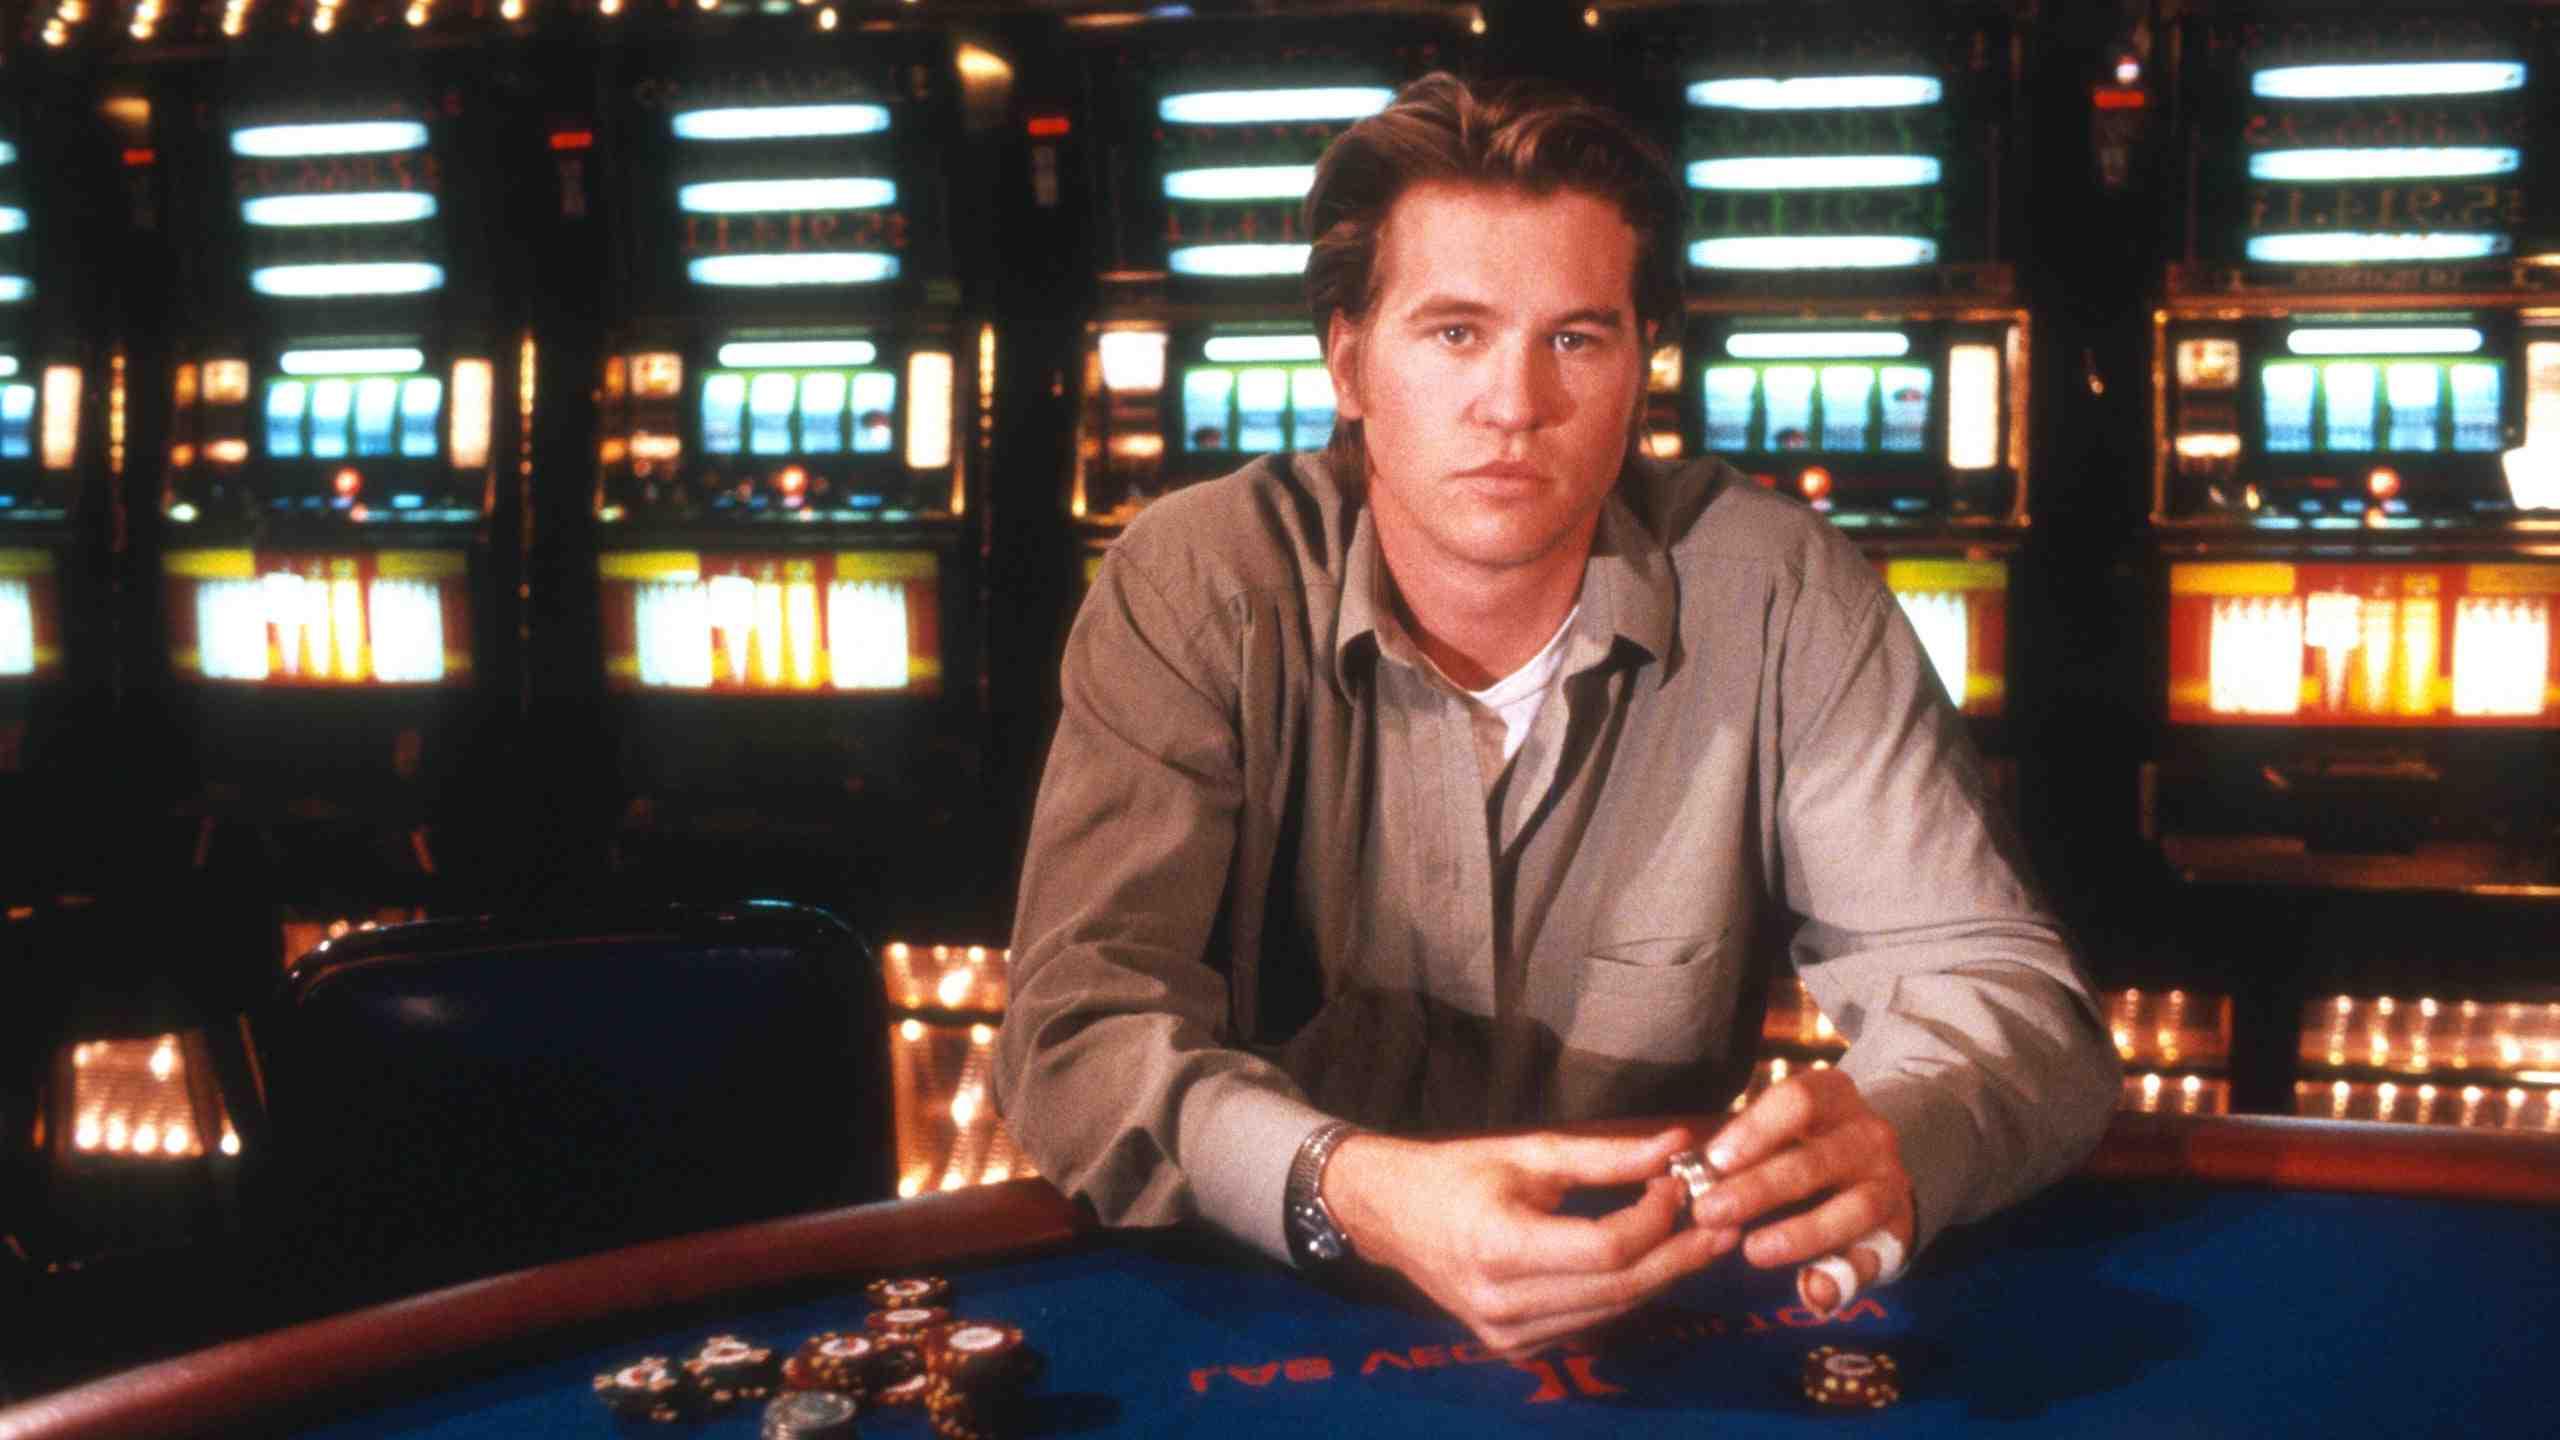 Comment sortir de la dépendance aux jeux d'argent ?